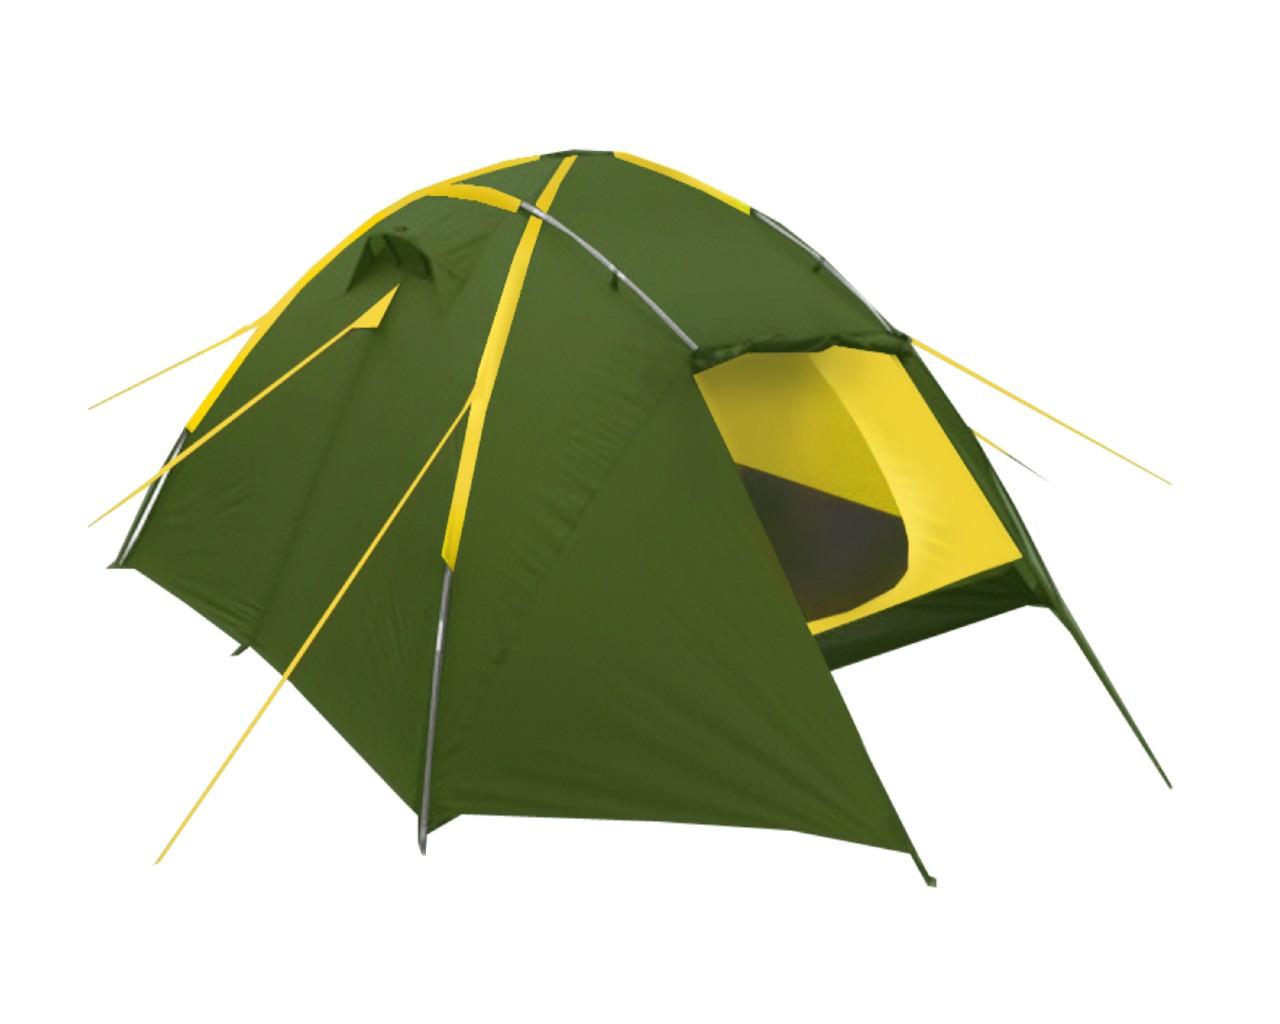 Палатка Talberg Trapper 3Лёгкая двухслойная палатка. Тент: Polyester RipStop 190T/80D 5000  мм. Дно: Polyester 195T/80D  7000 мм. Внутренняя палатка: дышащий Polyester. Дуги: HQ FiberGlass 8,5 мм. Количество входов: 2. Количество мест: 3. Вес: 4,5 кг. Размеры внутренней палатки: 205 x 210 x 120 см. Размеры габаритные: 405 x 220 x 130 см. Сезонность: весна-лето-осень<br><br>Вес кг: 4.50000000